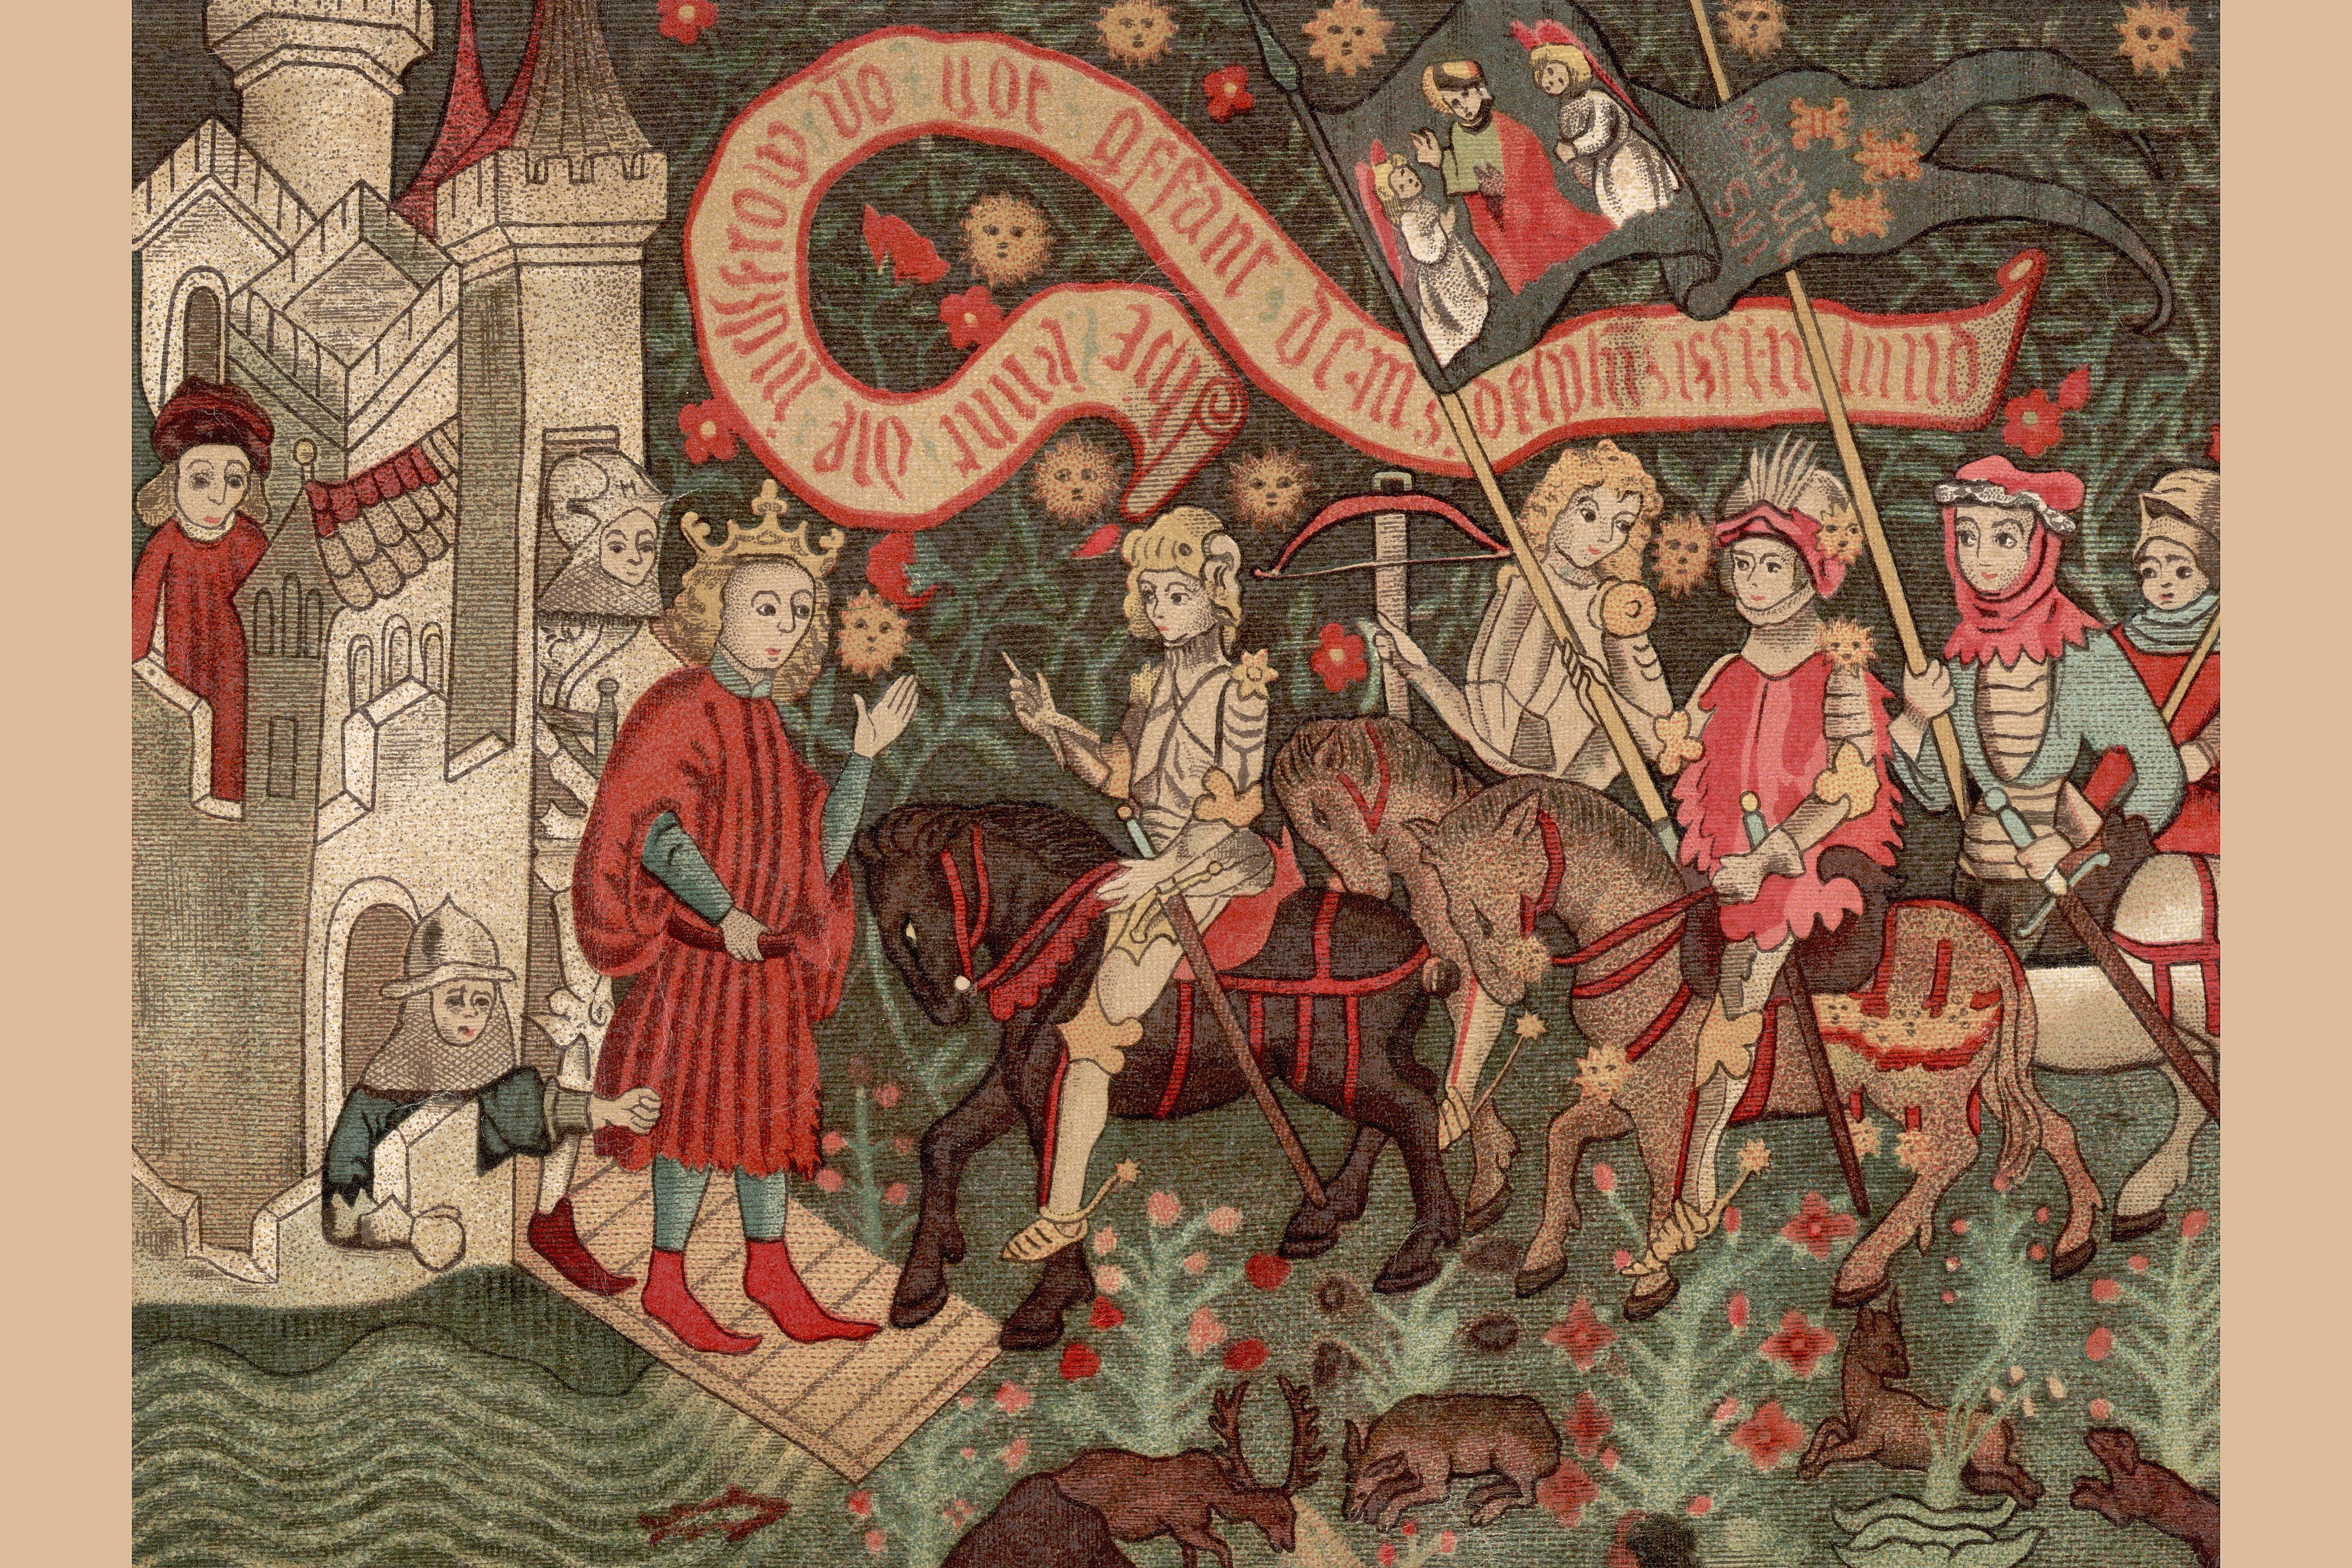 Joan of Arc at Chinon